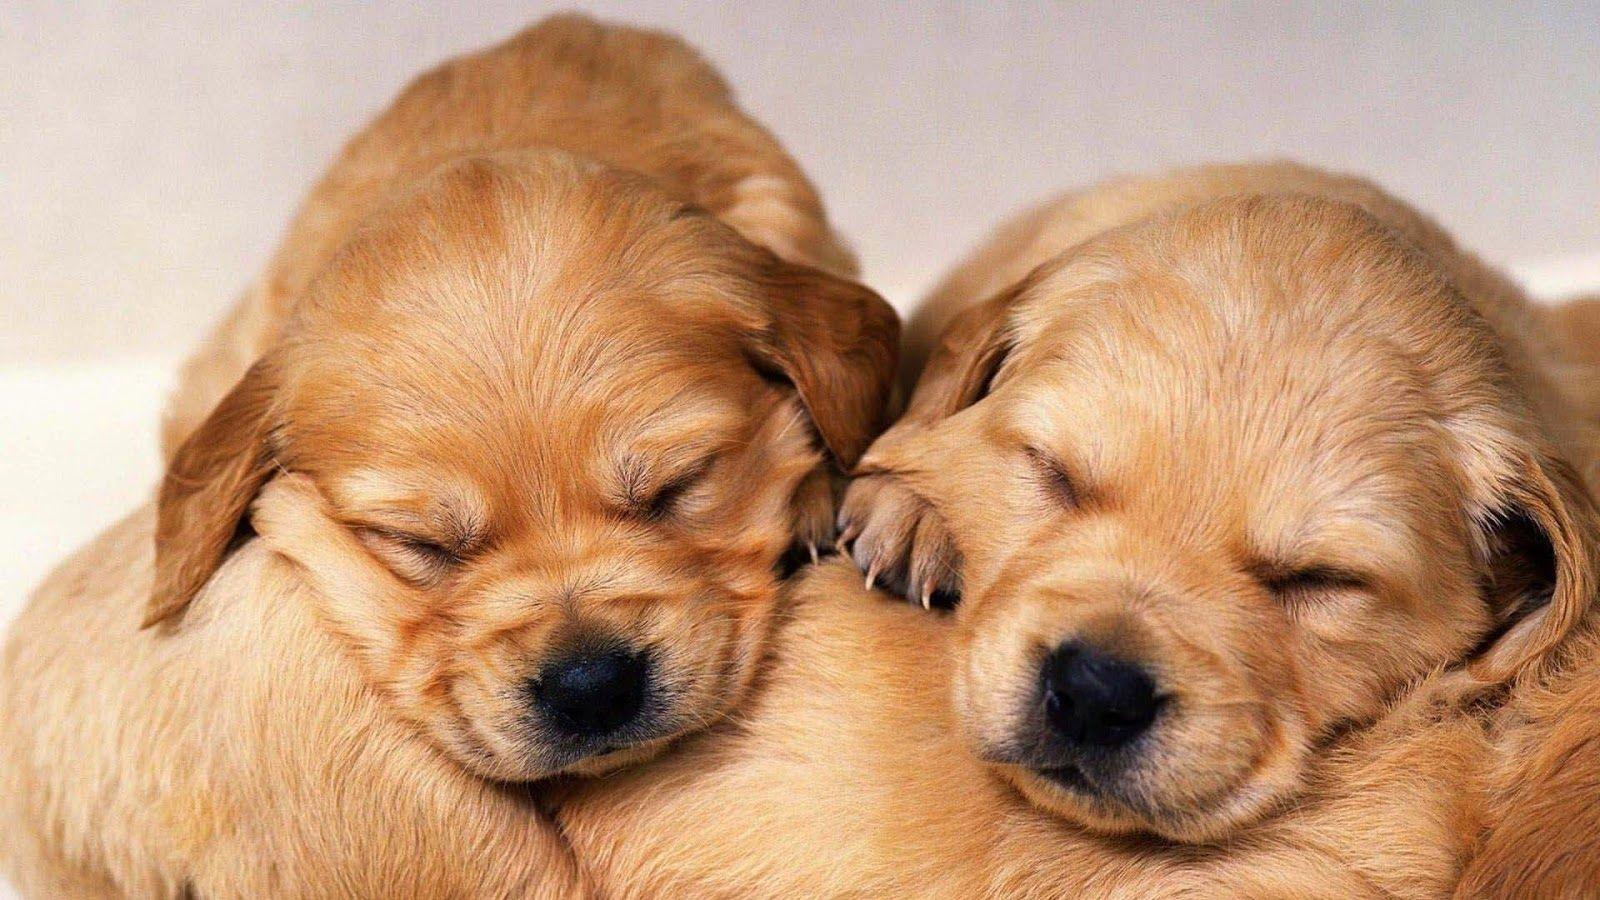 Cute Golden Retriever Puppies Wallpaper Image Retriever Puppy